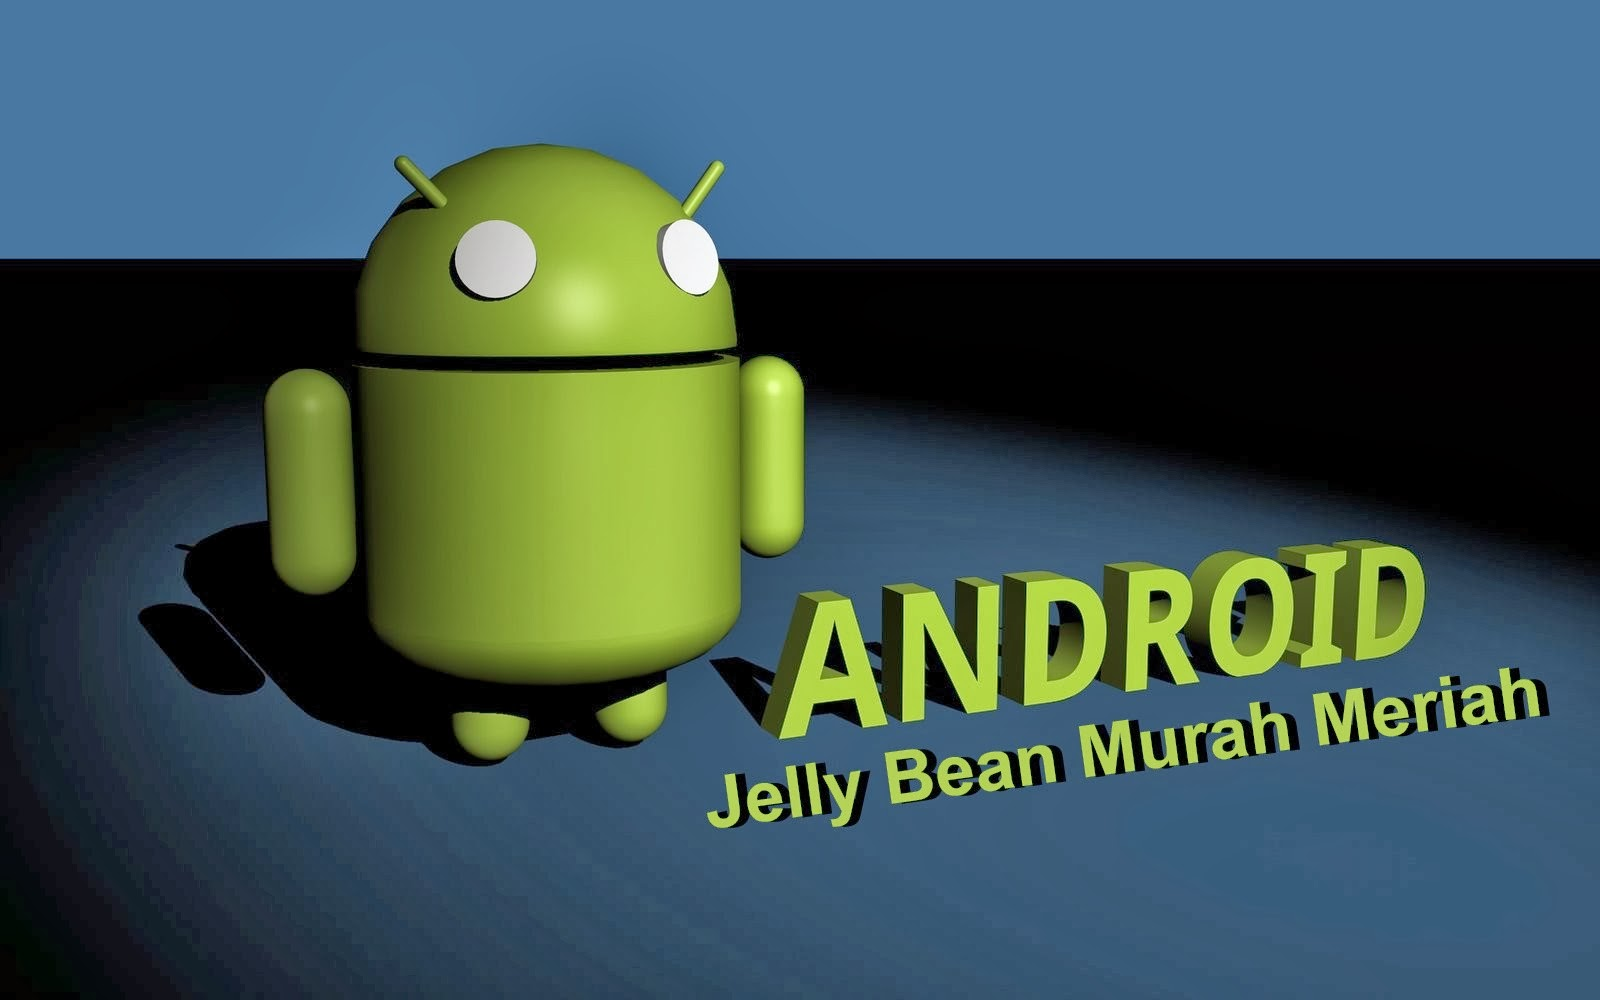 Daftar Harga Handphone Android Jelly Bean Murah Meriah